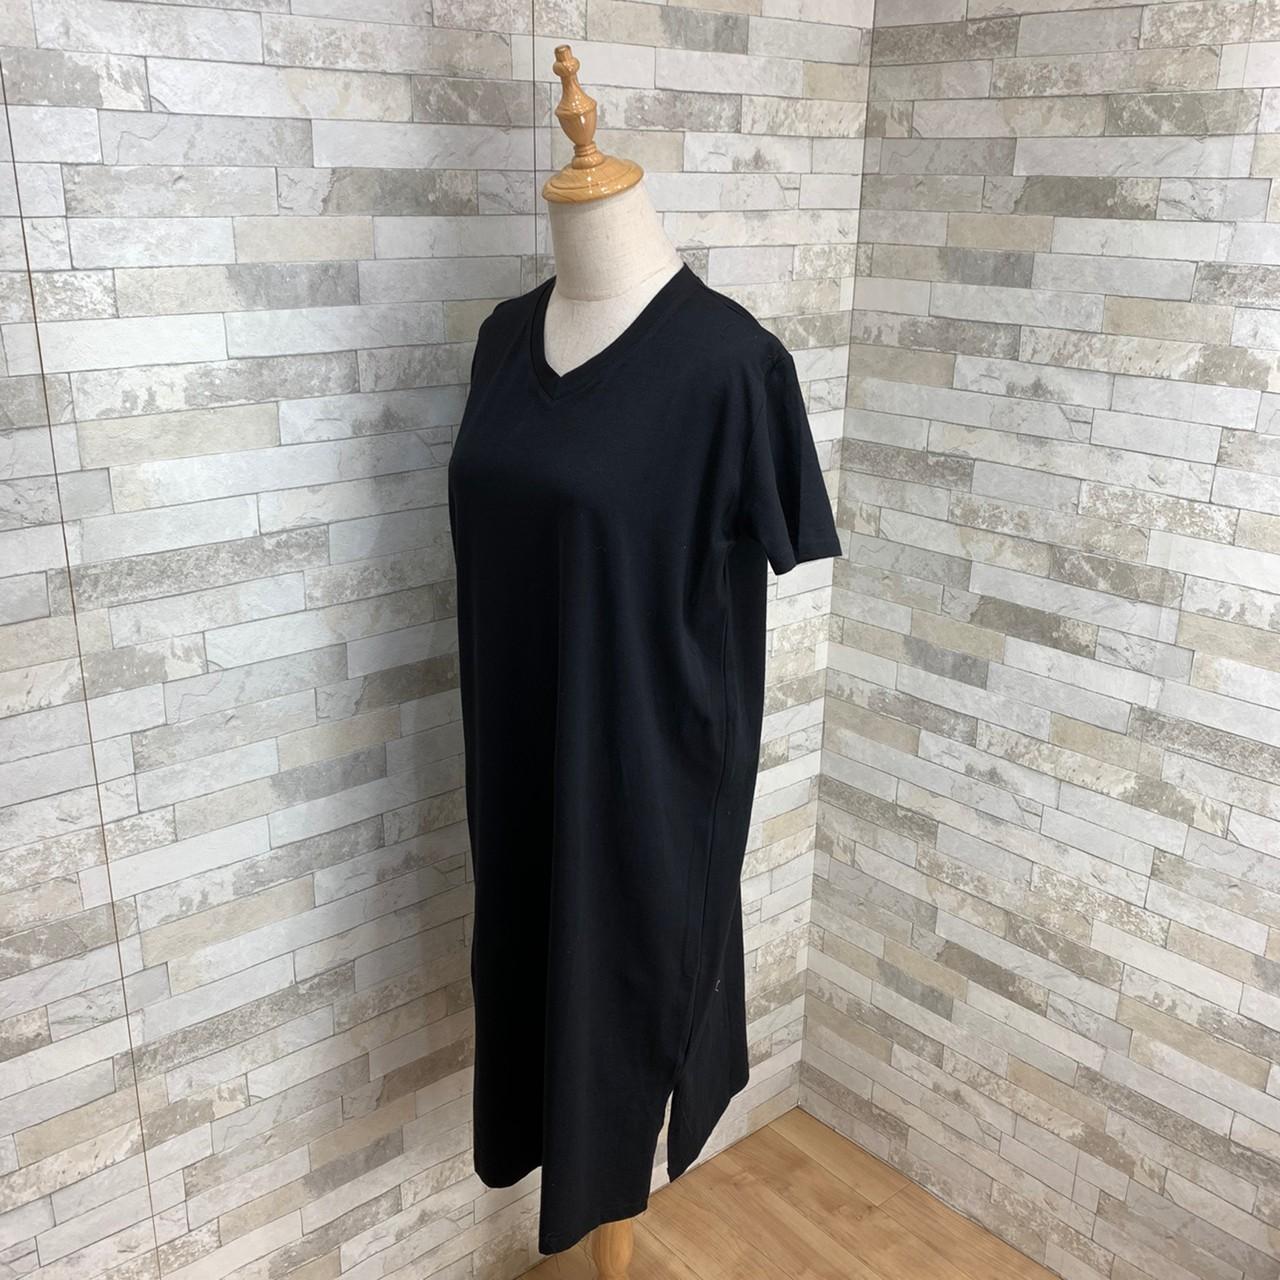 韓国 ファッション ワンピース 春 夏 秋 カジュアル PTXH669  Vネック スポーティ シンプル リラクシー オルチャン シンプル 定番 セレカジの写真3枚目